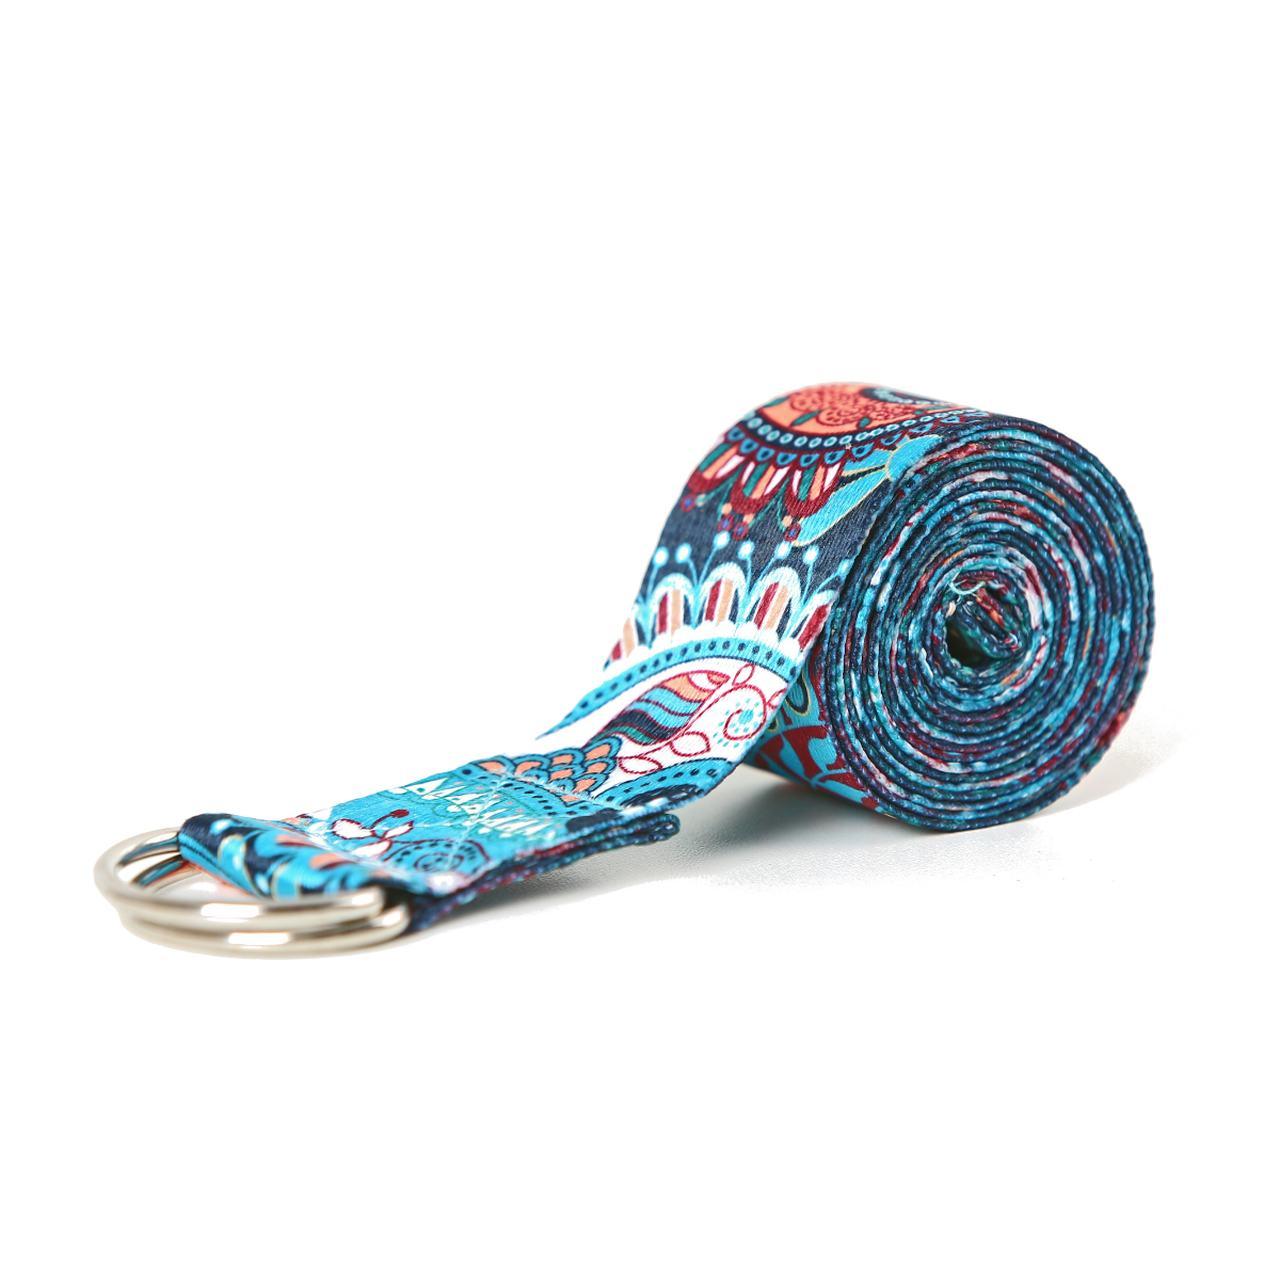 Cinto / Faixa de Alongamento Estampado - Yoga Strap - Thai